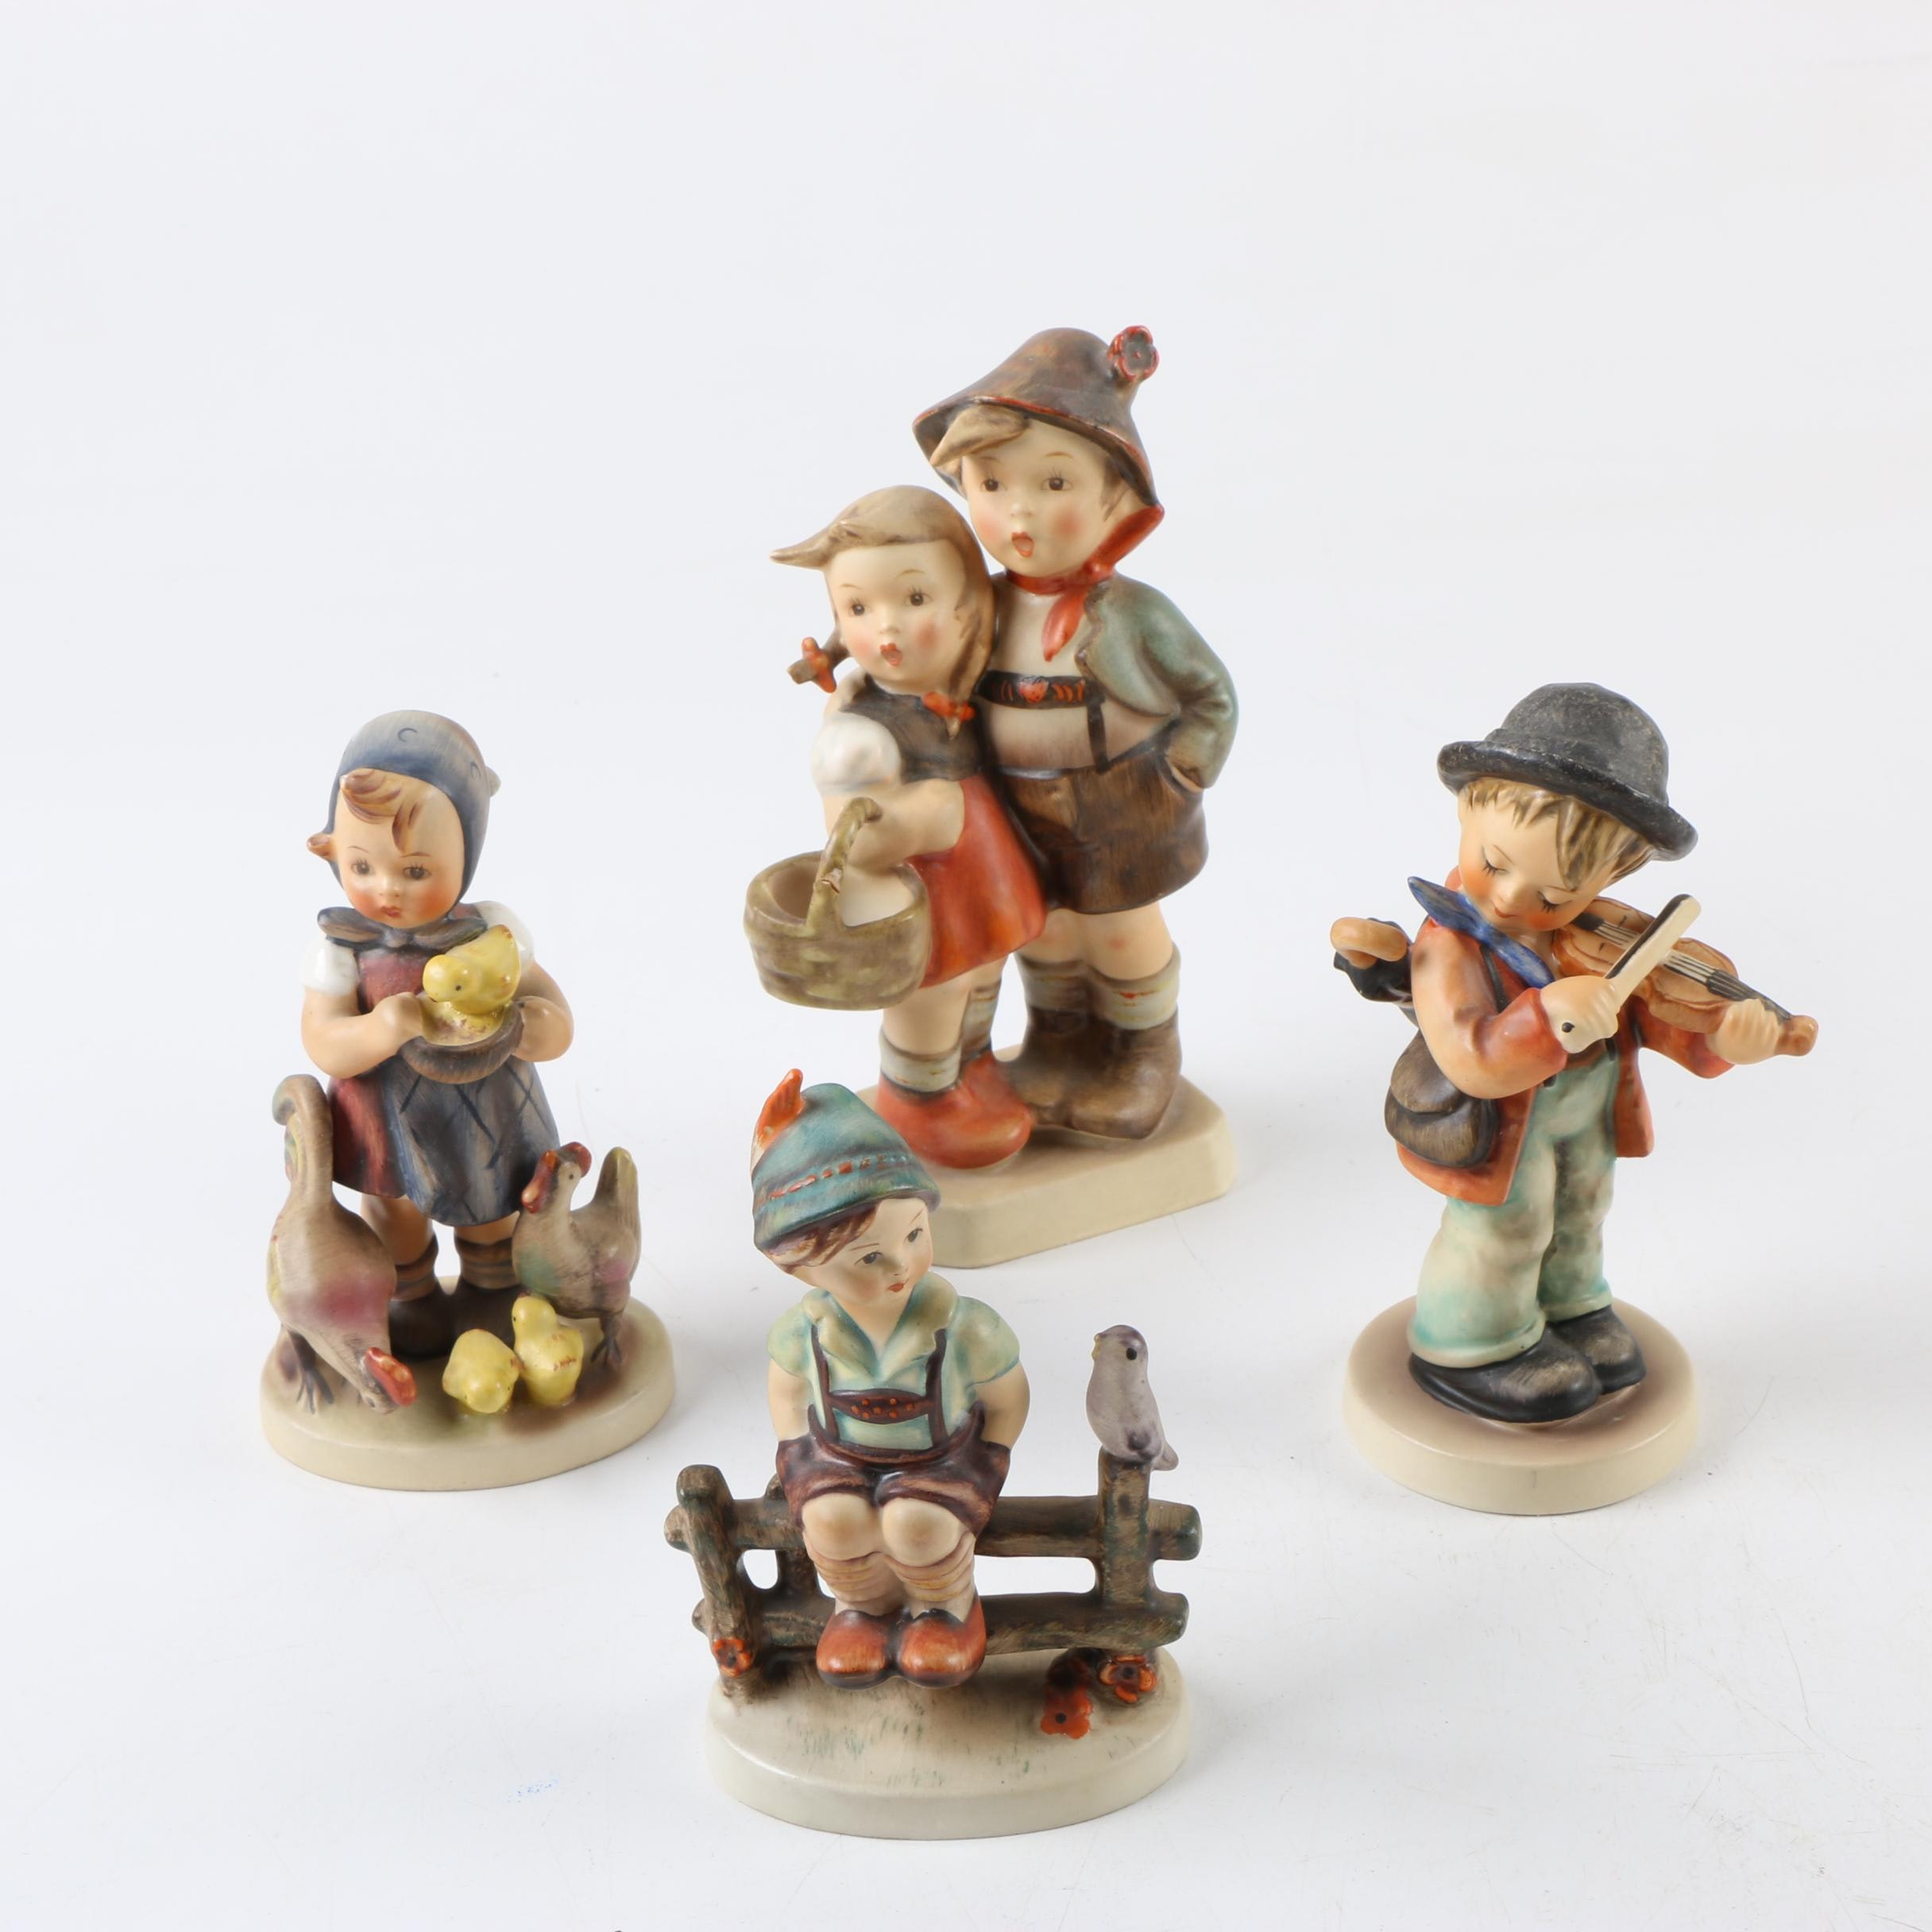 Vintage Goebel M.I. Hummel Hand Painted Porcelain Figurines